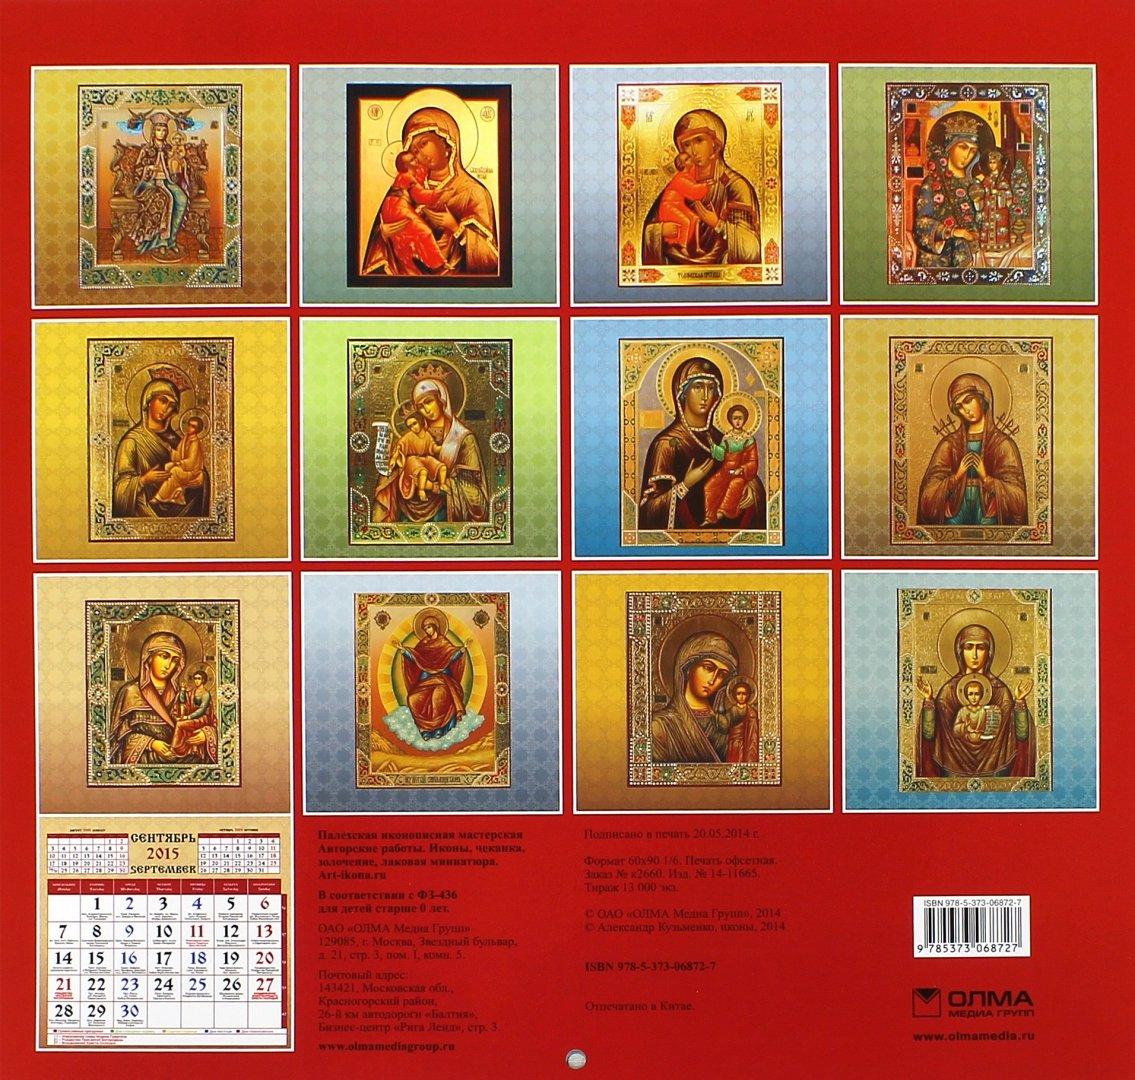 Иллюстрация 1 из 4 для Календарь 2015. Образ Пресвятой Богородицы (12 листов)   Лабиринт - сувениры. Источник: Лабиринт